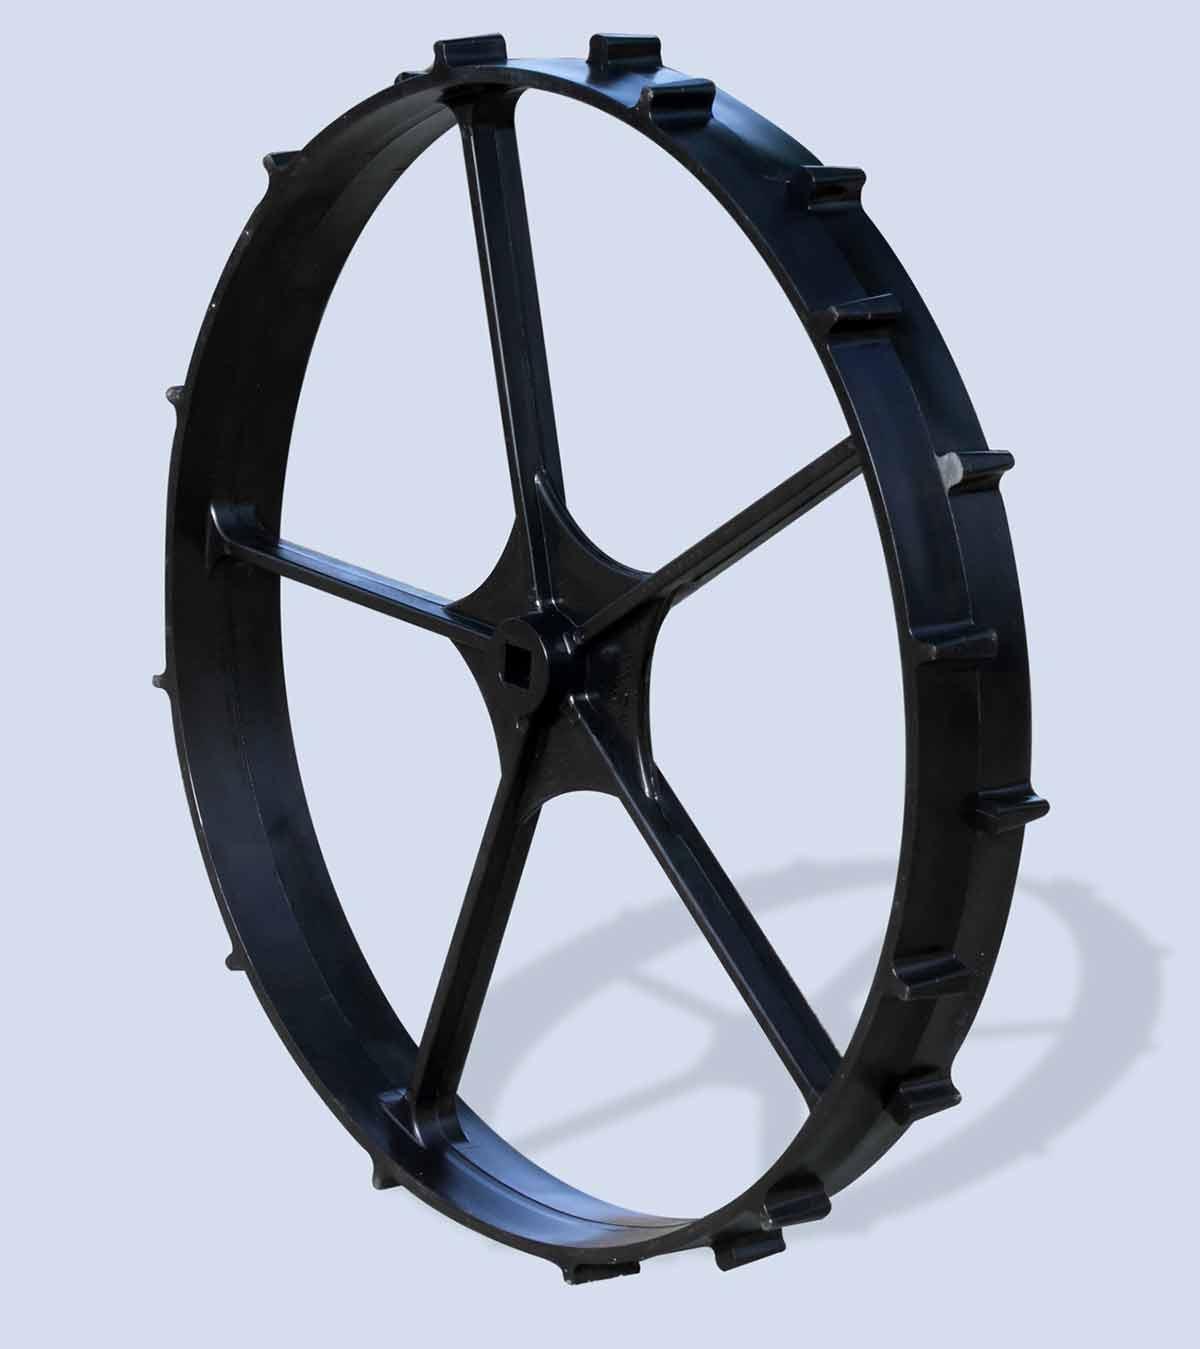 drum seeder wheel. Black Bedroom Furniture Sets. Home Design Ideas